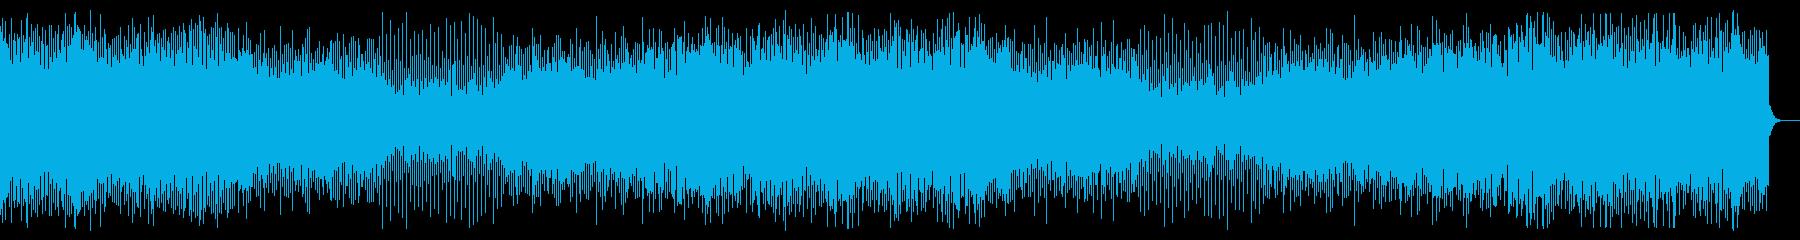 疾走感のあるシンセ曲の再生済みの波形